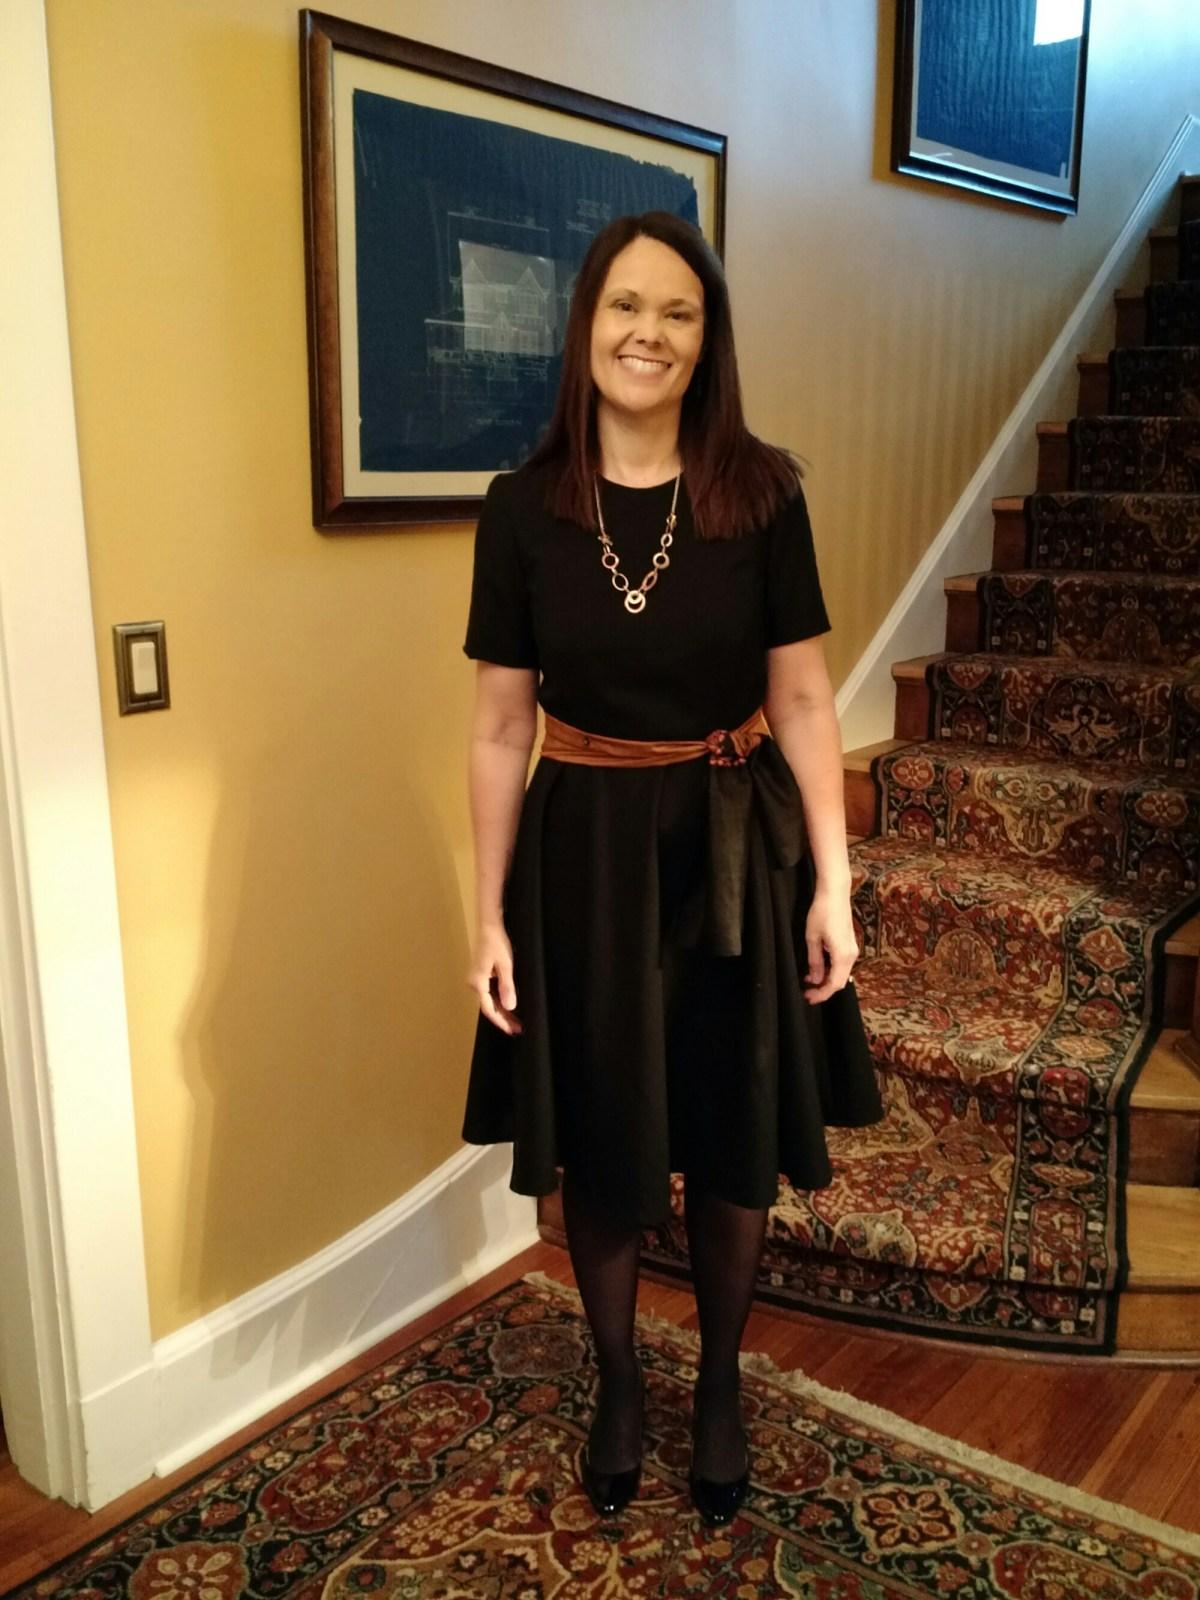 McCalls dress